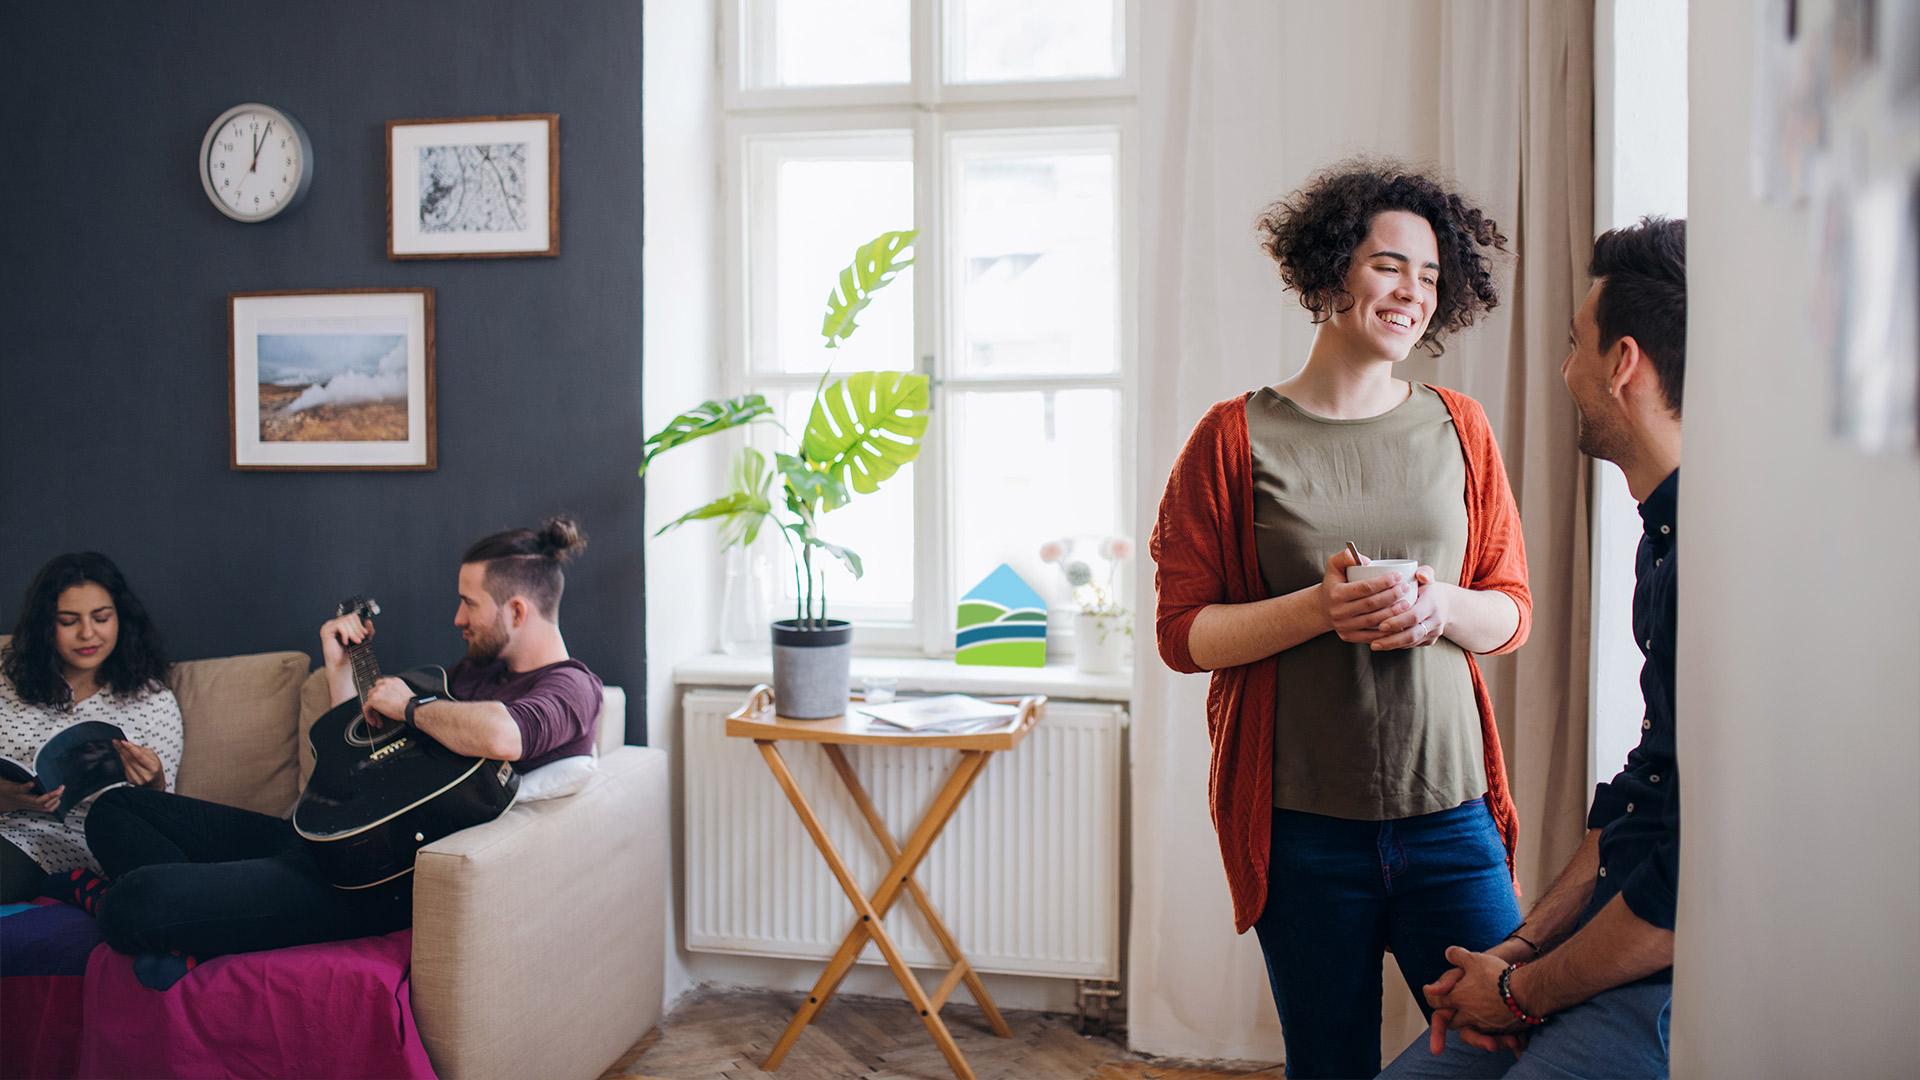 Unsere Aufgabe: günstiger Wohnraum